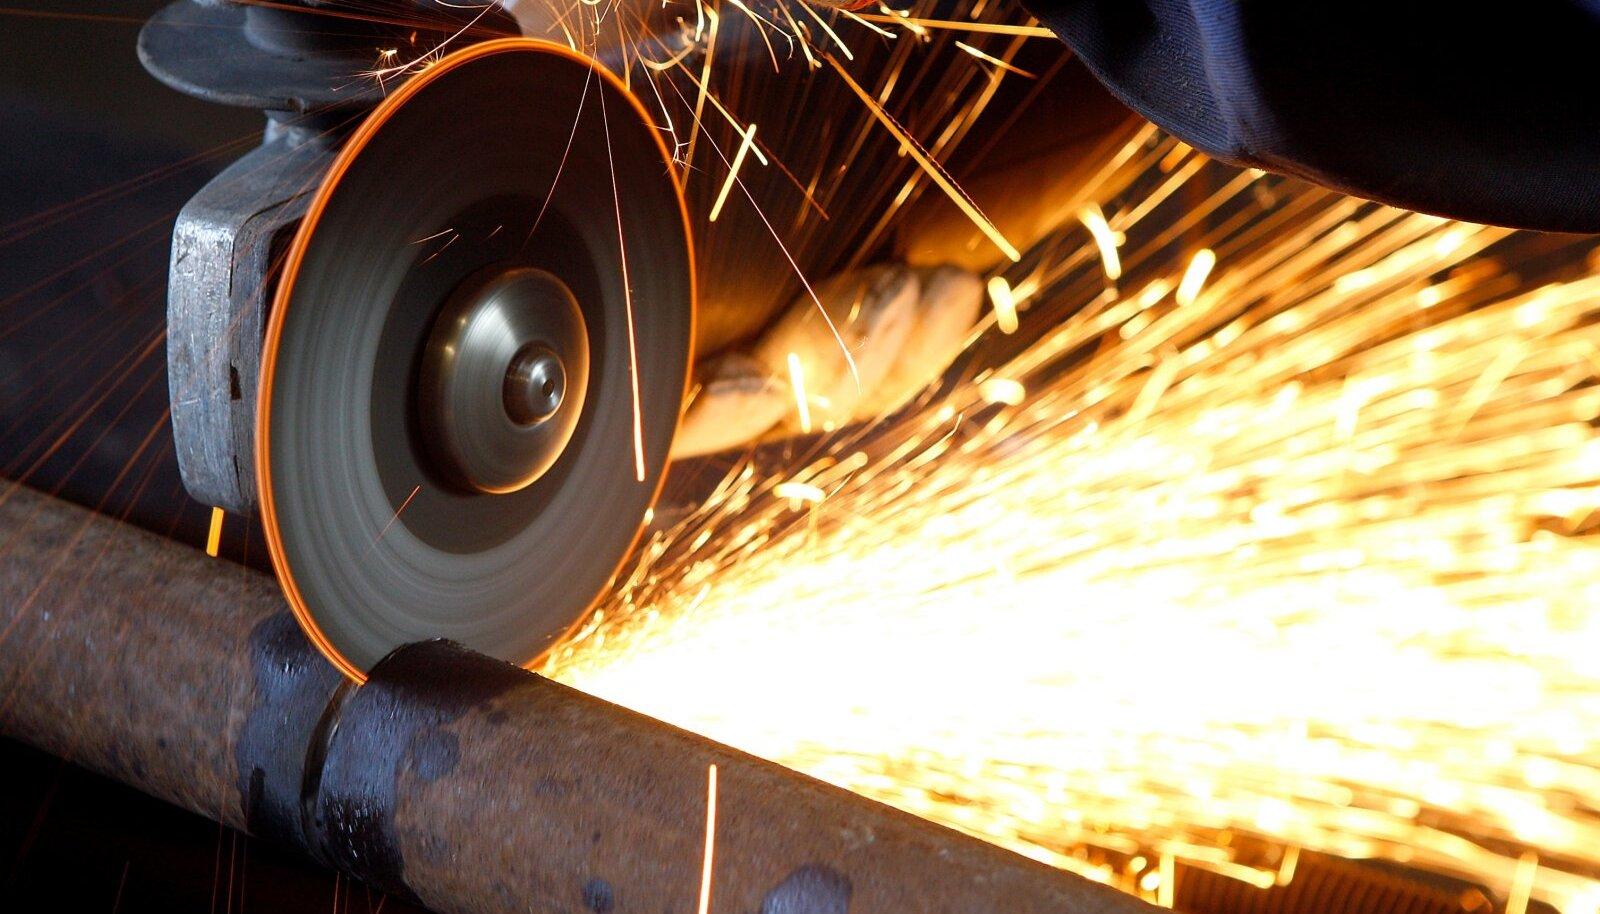 Tööriistade varastamine on ka praguste kurikaelte seas populaarne. Hoidke garaažidel ja tööautodel silma peal!